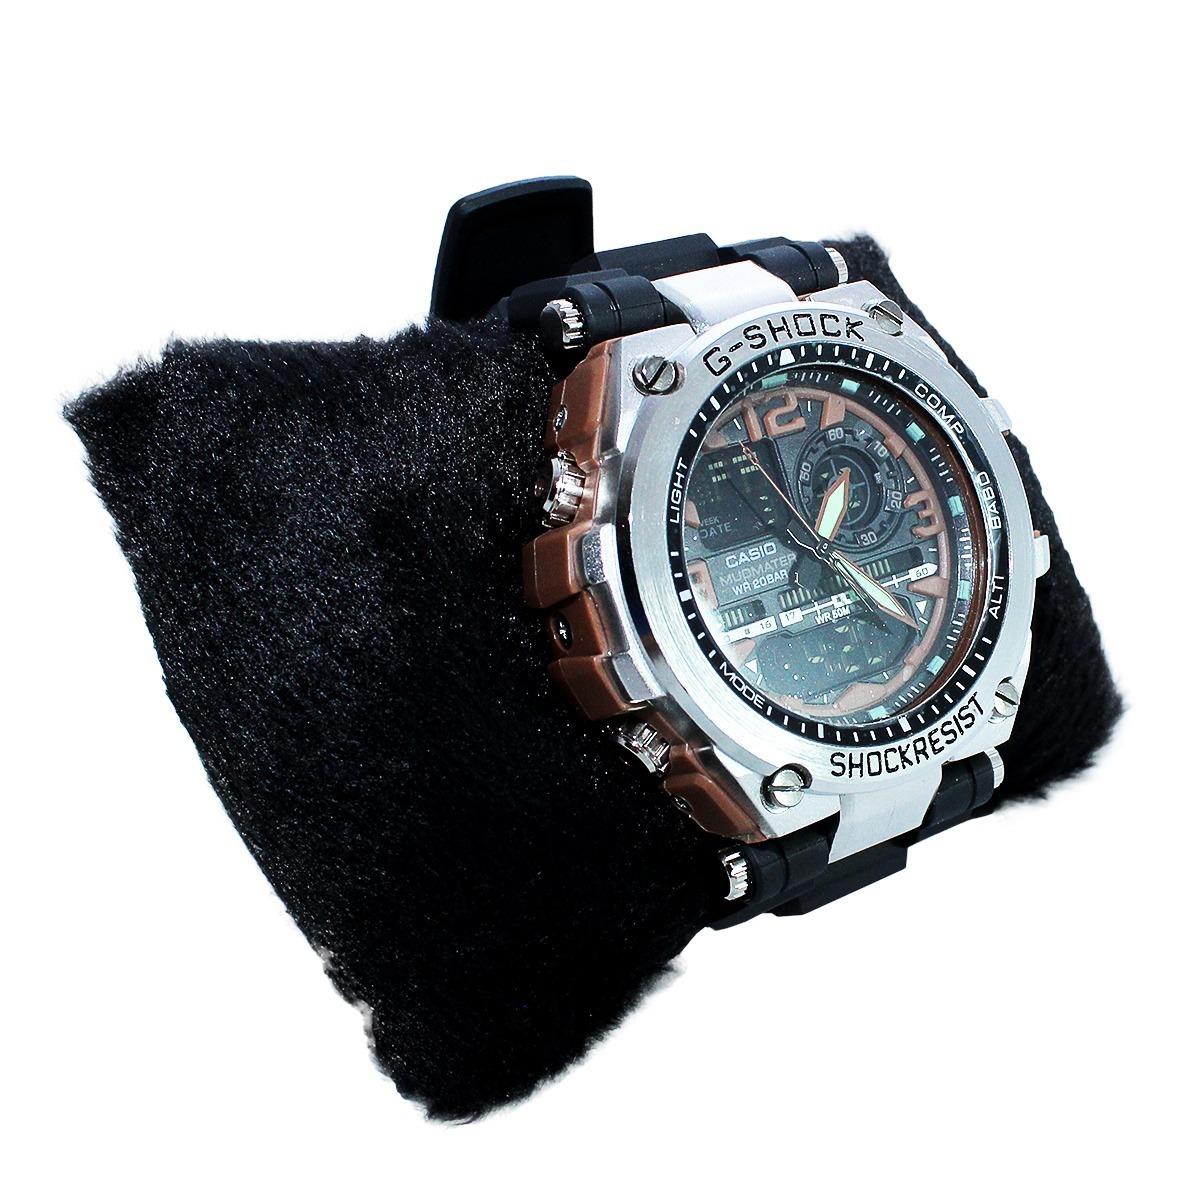 6d141fff345 relógio pulso g shock sport masculino vários modelo e cores. Carregando zoom .